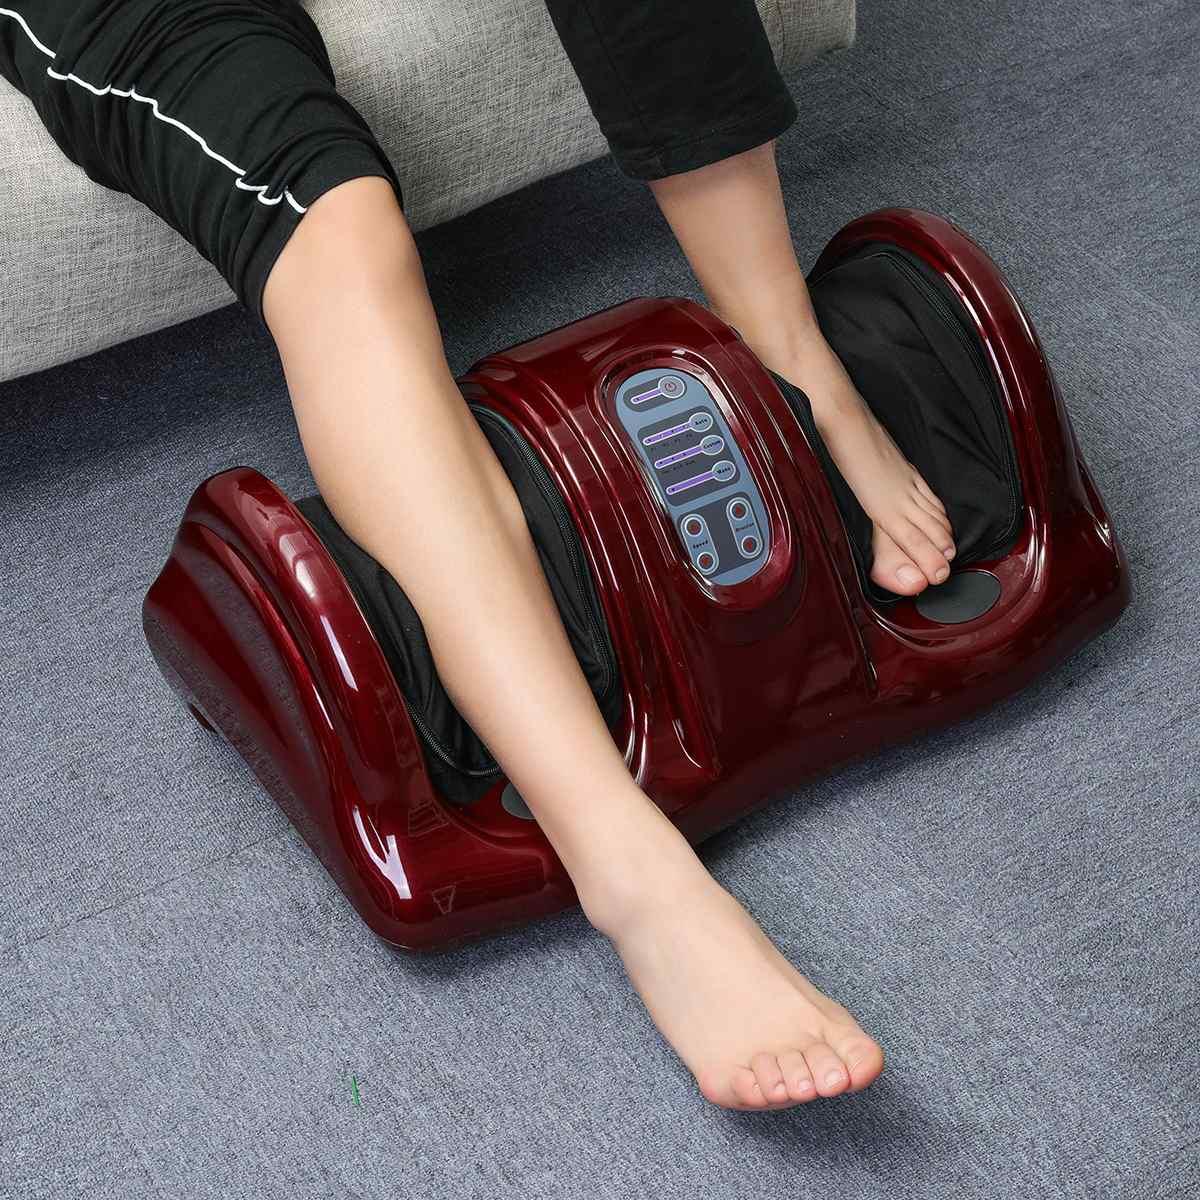 110/220V chauffage électrique pied corps masseur Shiatsu pétrissage rouleau vibrateur Machine réflexologie mollet jambe soulagement de la douleur se détendre